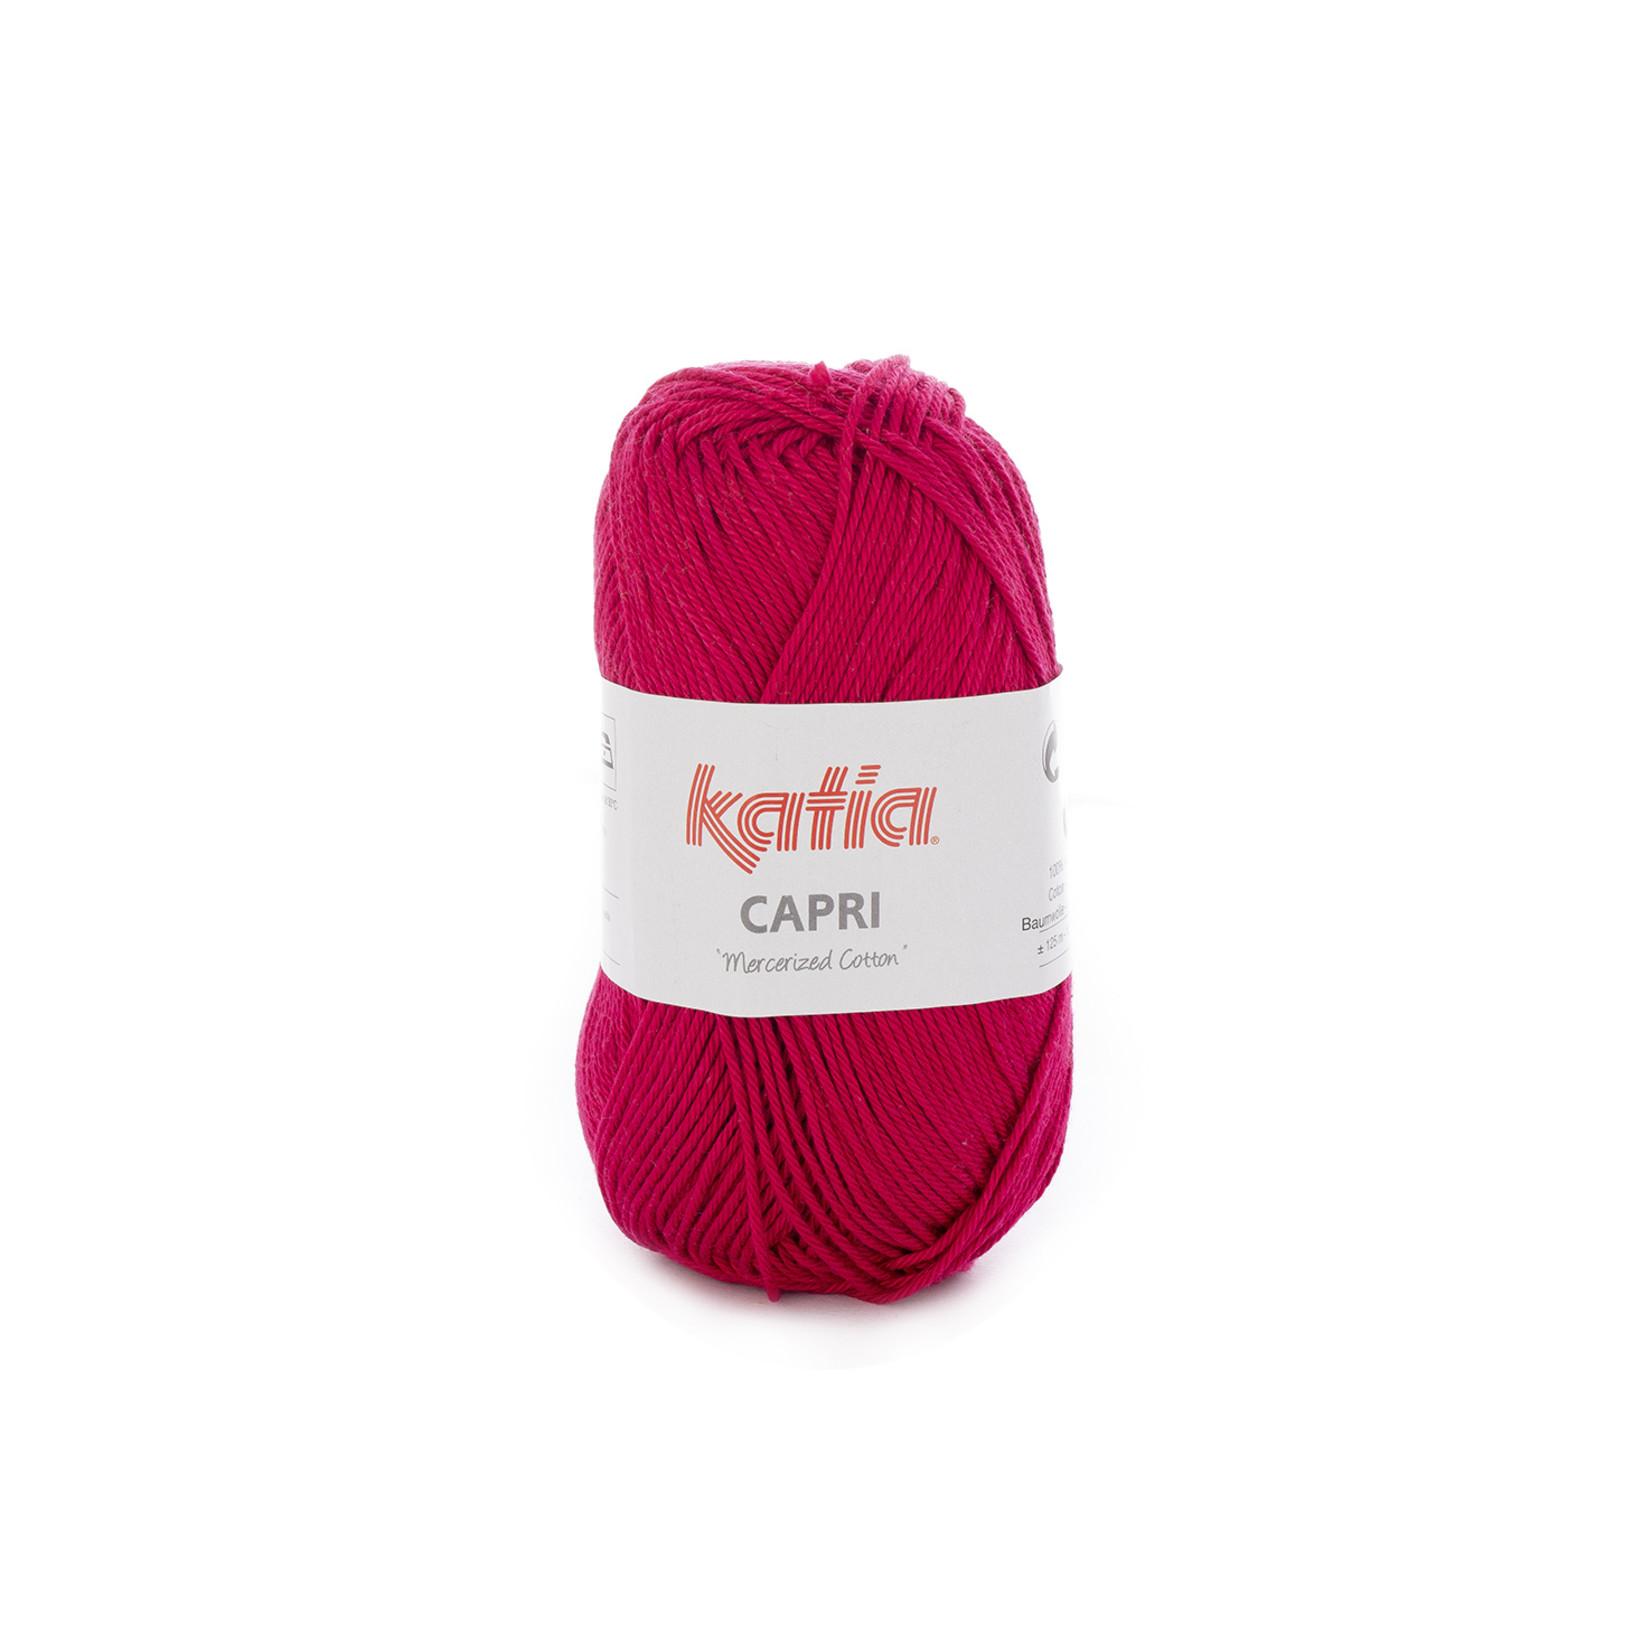 Katia Katia Capri - kleur 129 Donker fuchsia - 50 gr. = 125 m. - 100% katoen